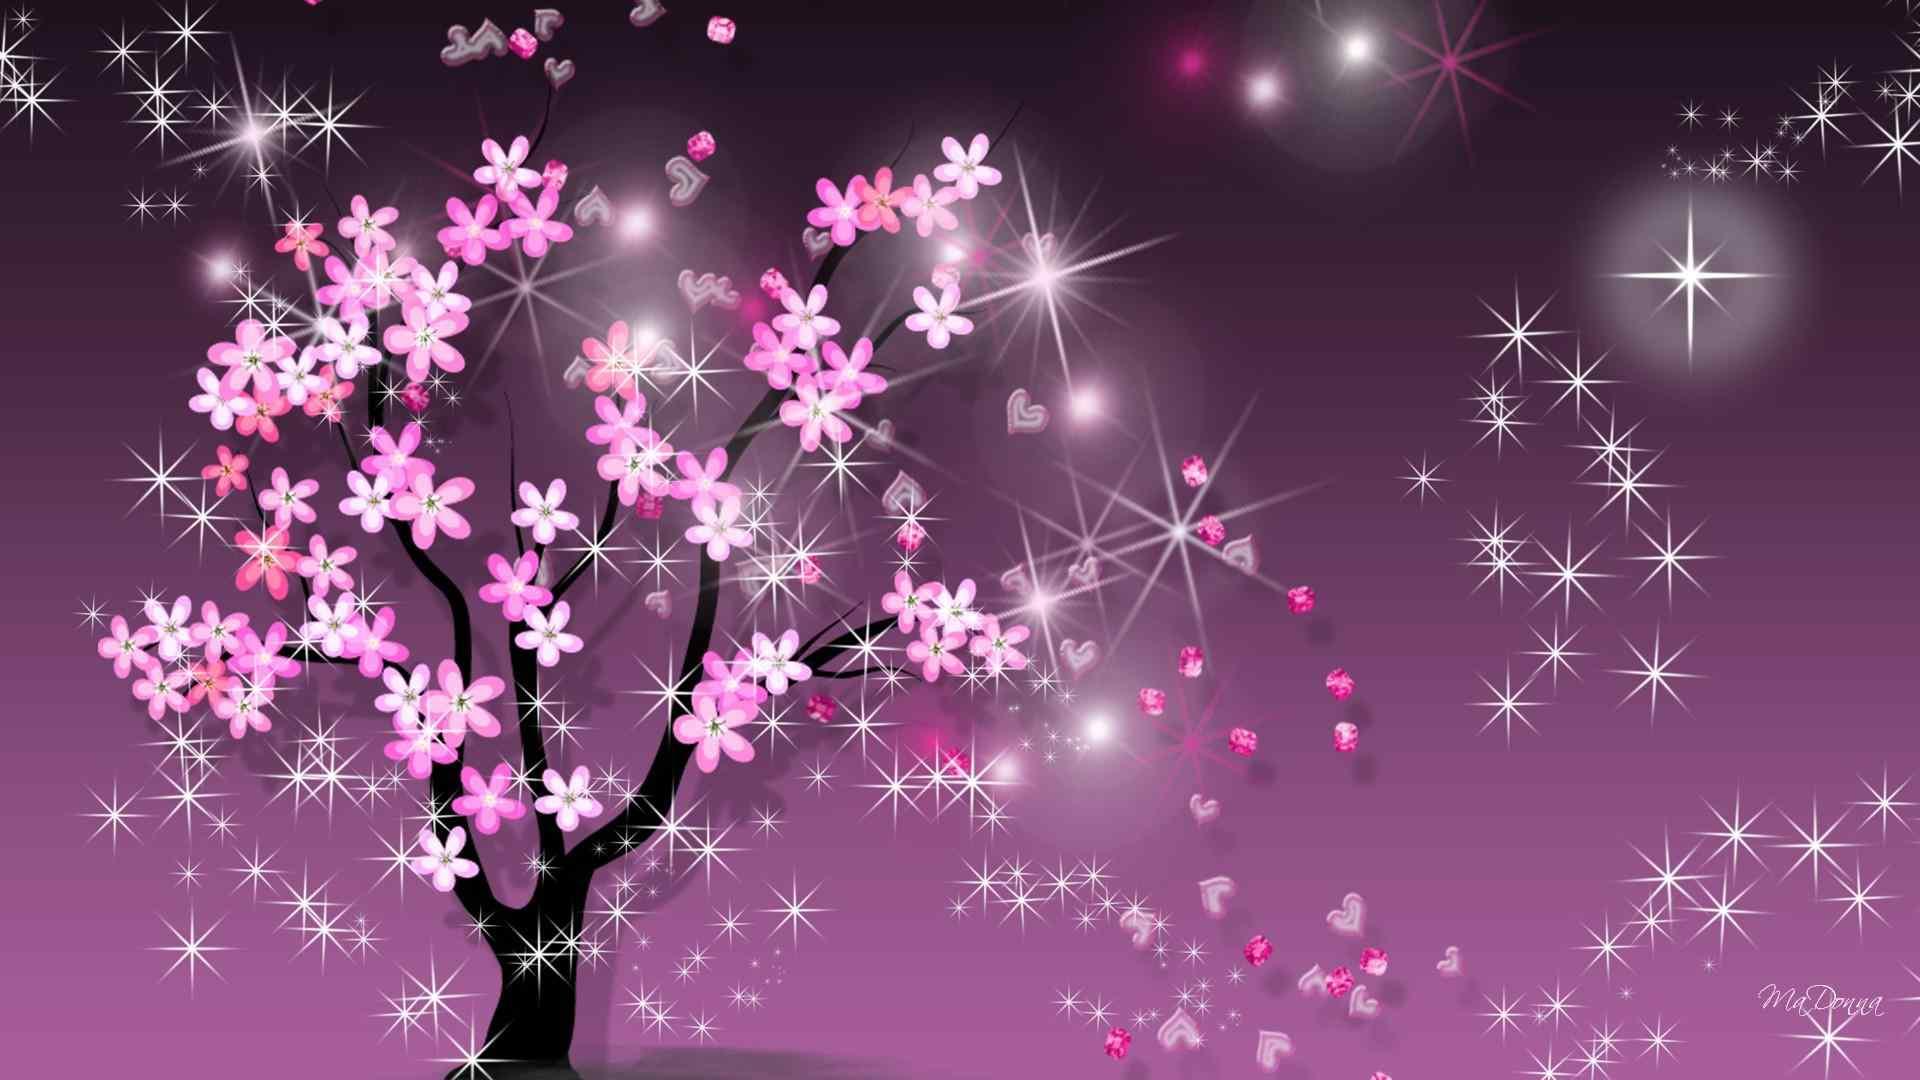 紫色梦幻素材唯美桌面壁纸